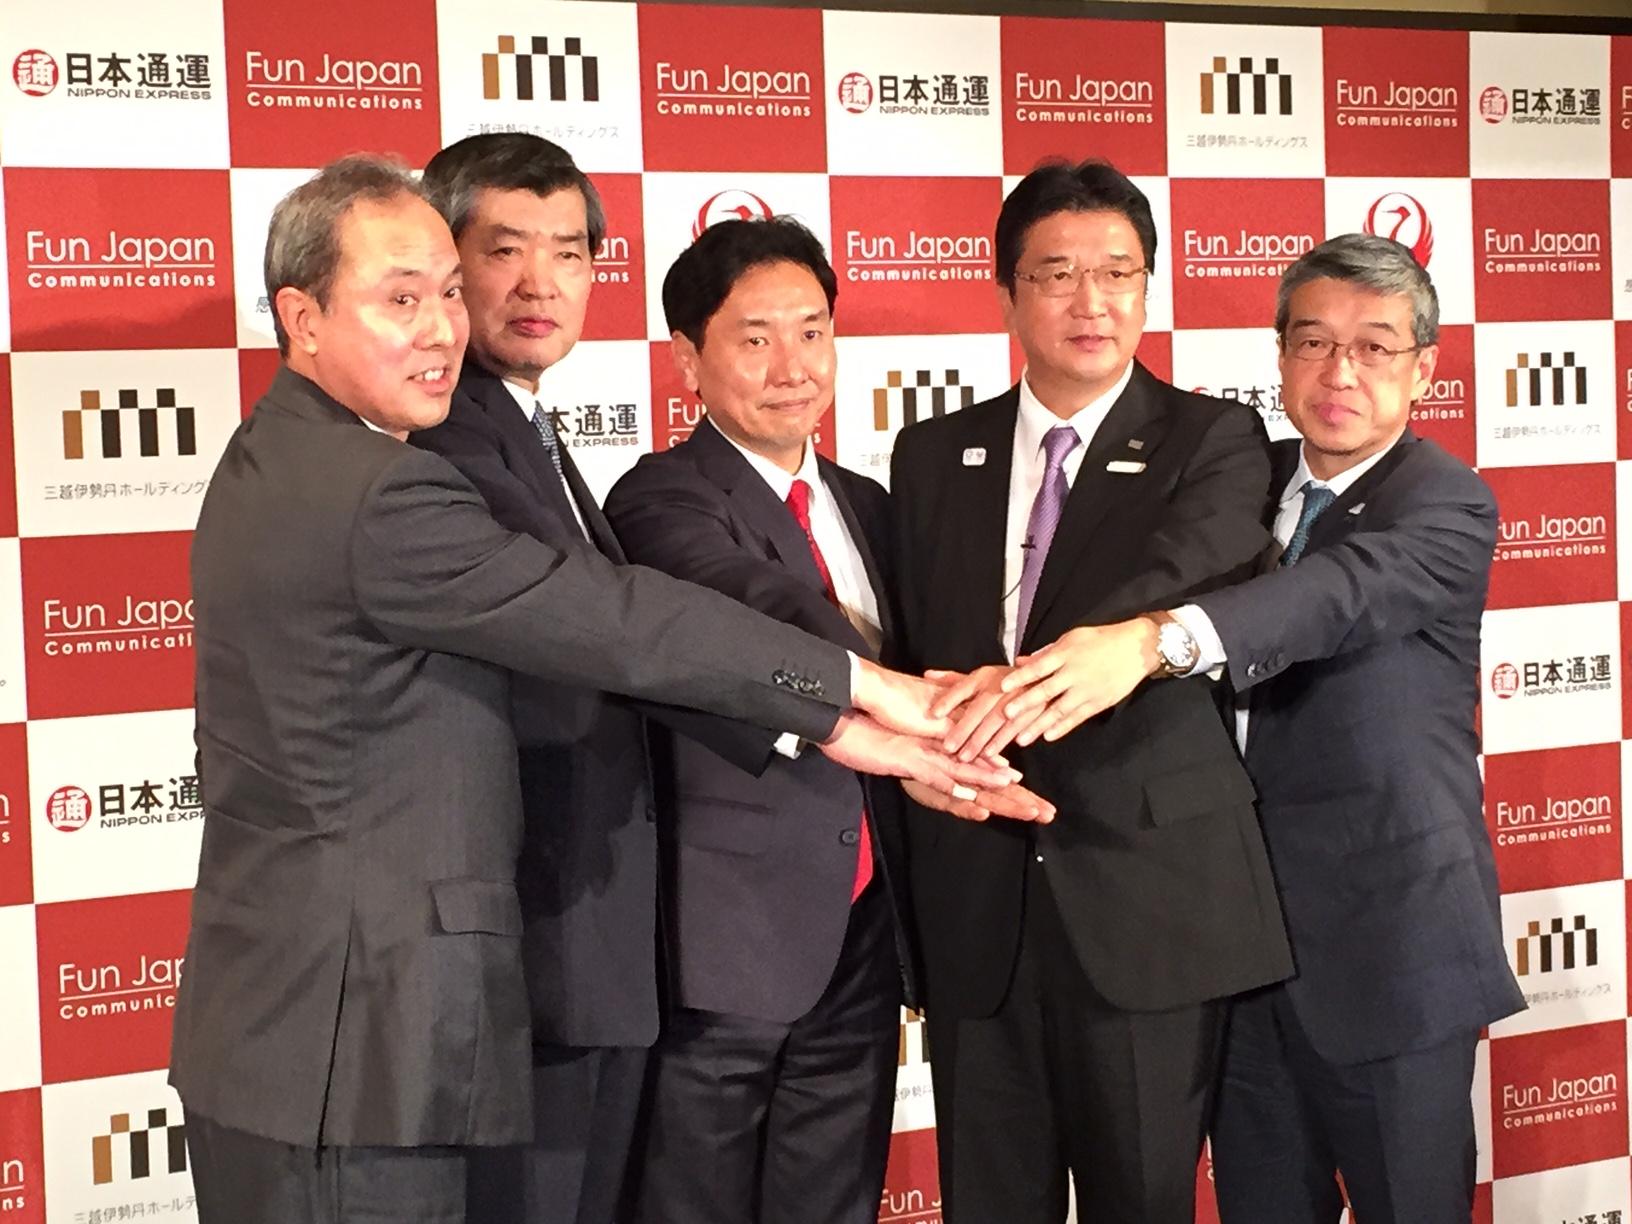 JTB・日本通運・三越伊勢丹が新会社、JALとも提携、4社で訪日デジタルマーケティング事業に参入